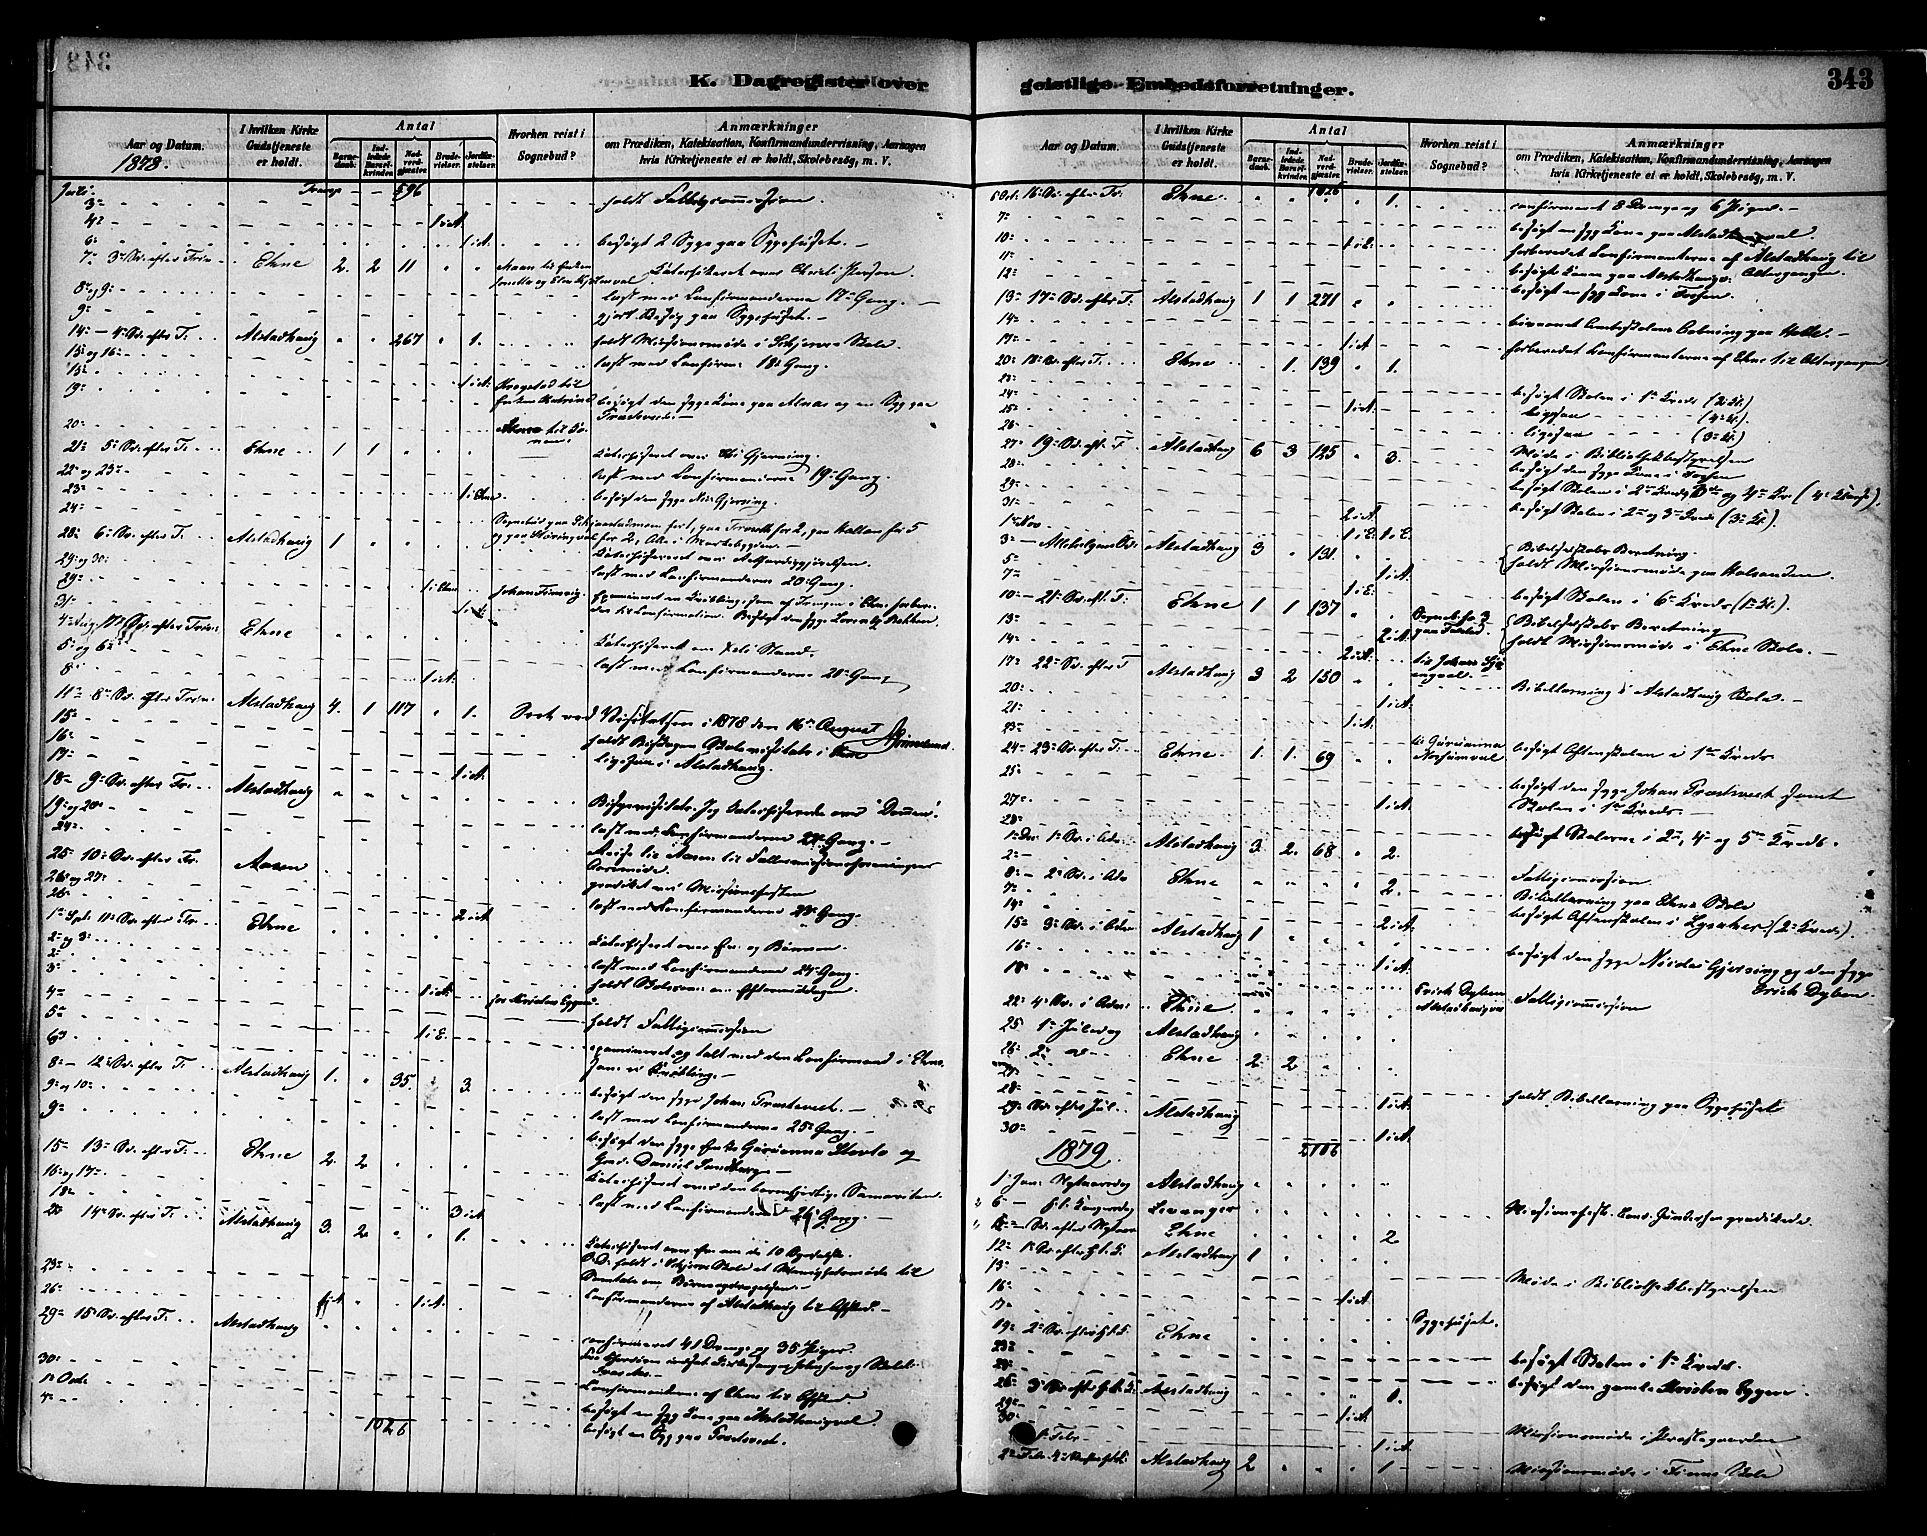 SAT, Ministerialprotokoller, klokkerbøker og fødselsregistre - Nord-Trøndelag, 717/L0159: Ministerialbok nr. 717A09, 1878-1898, s. 343